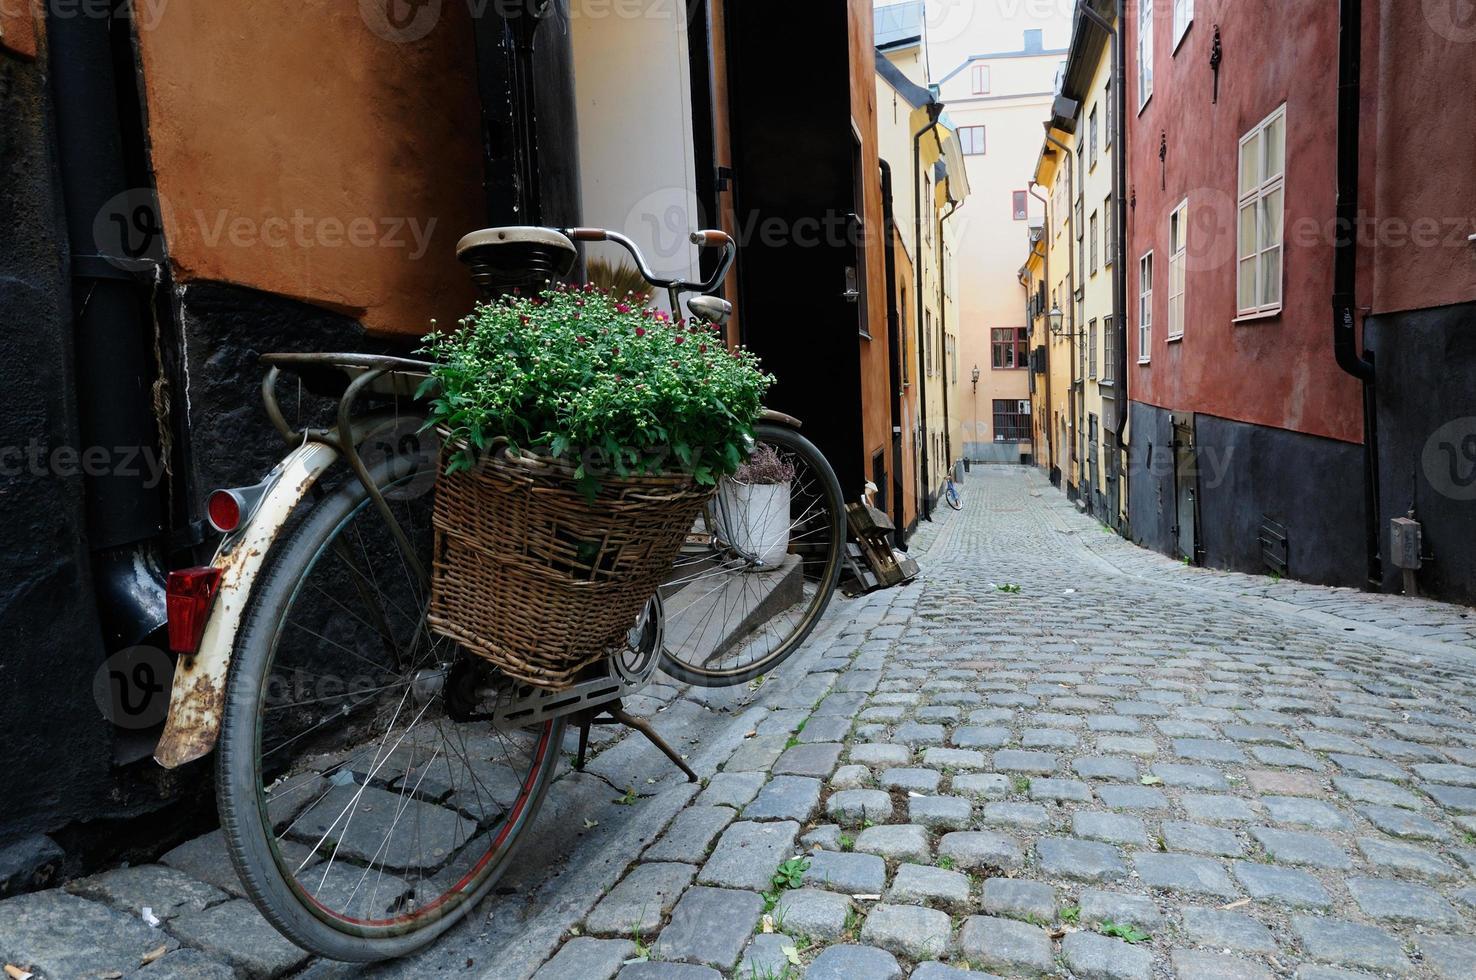 vélo dans une rue vide de stockholm photo